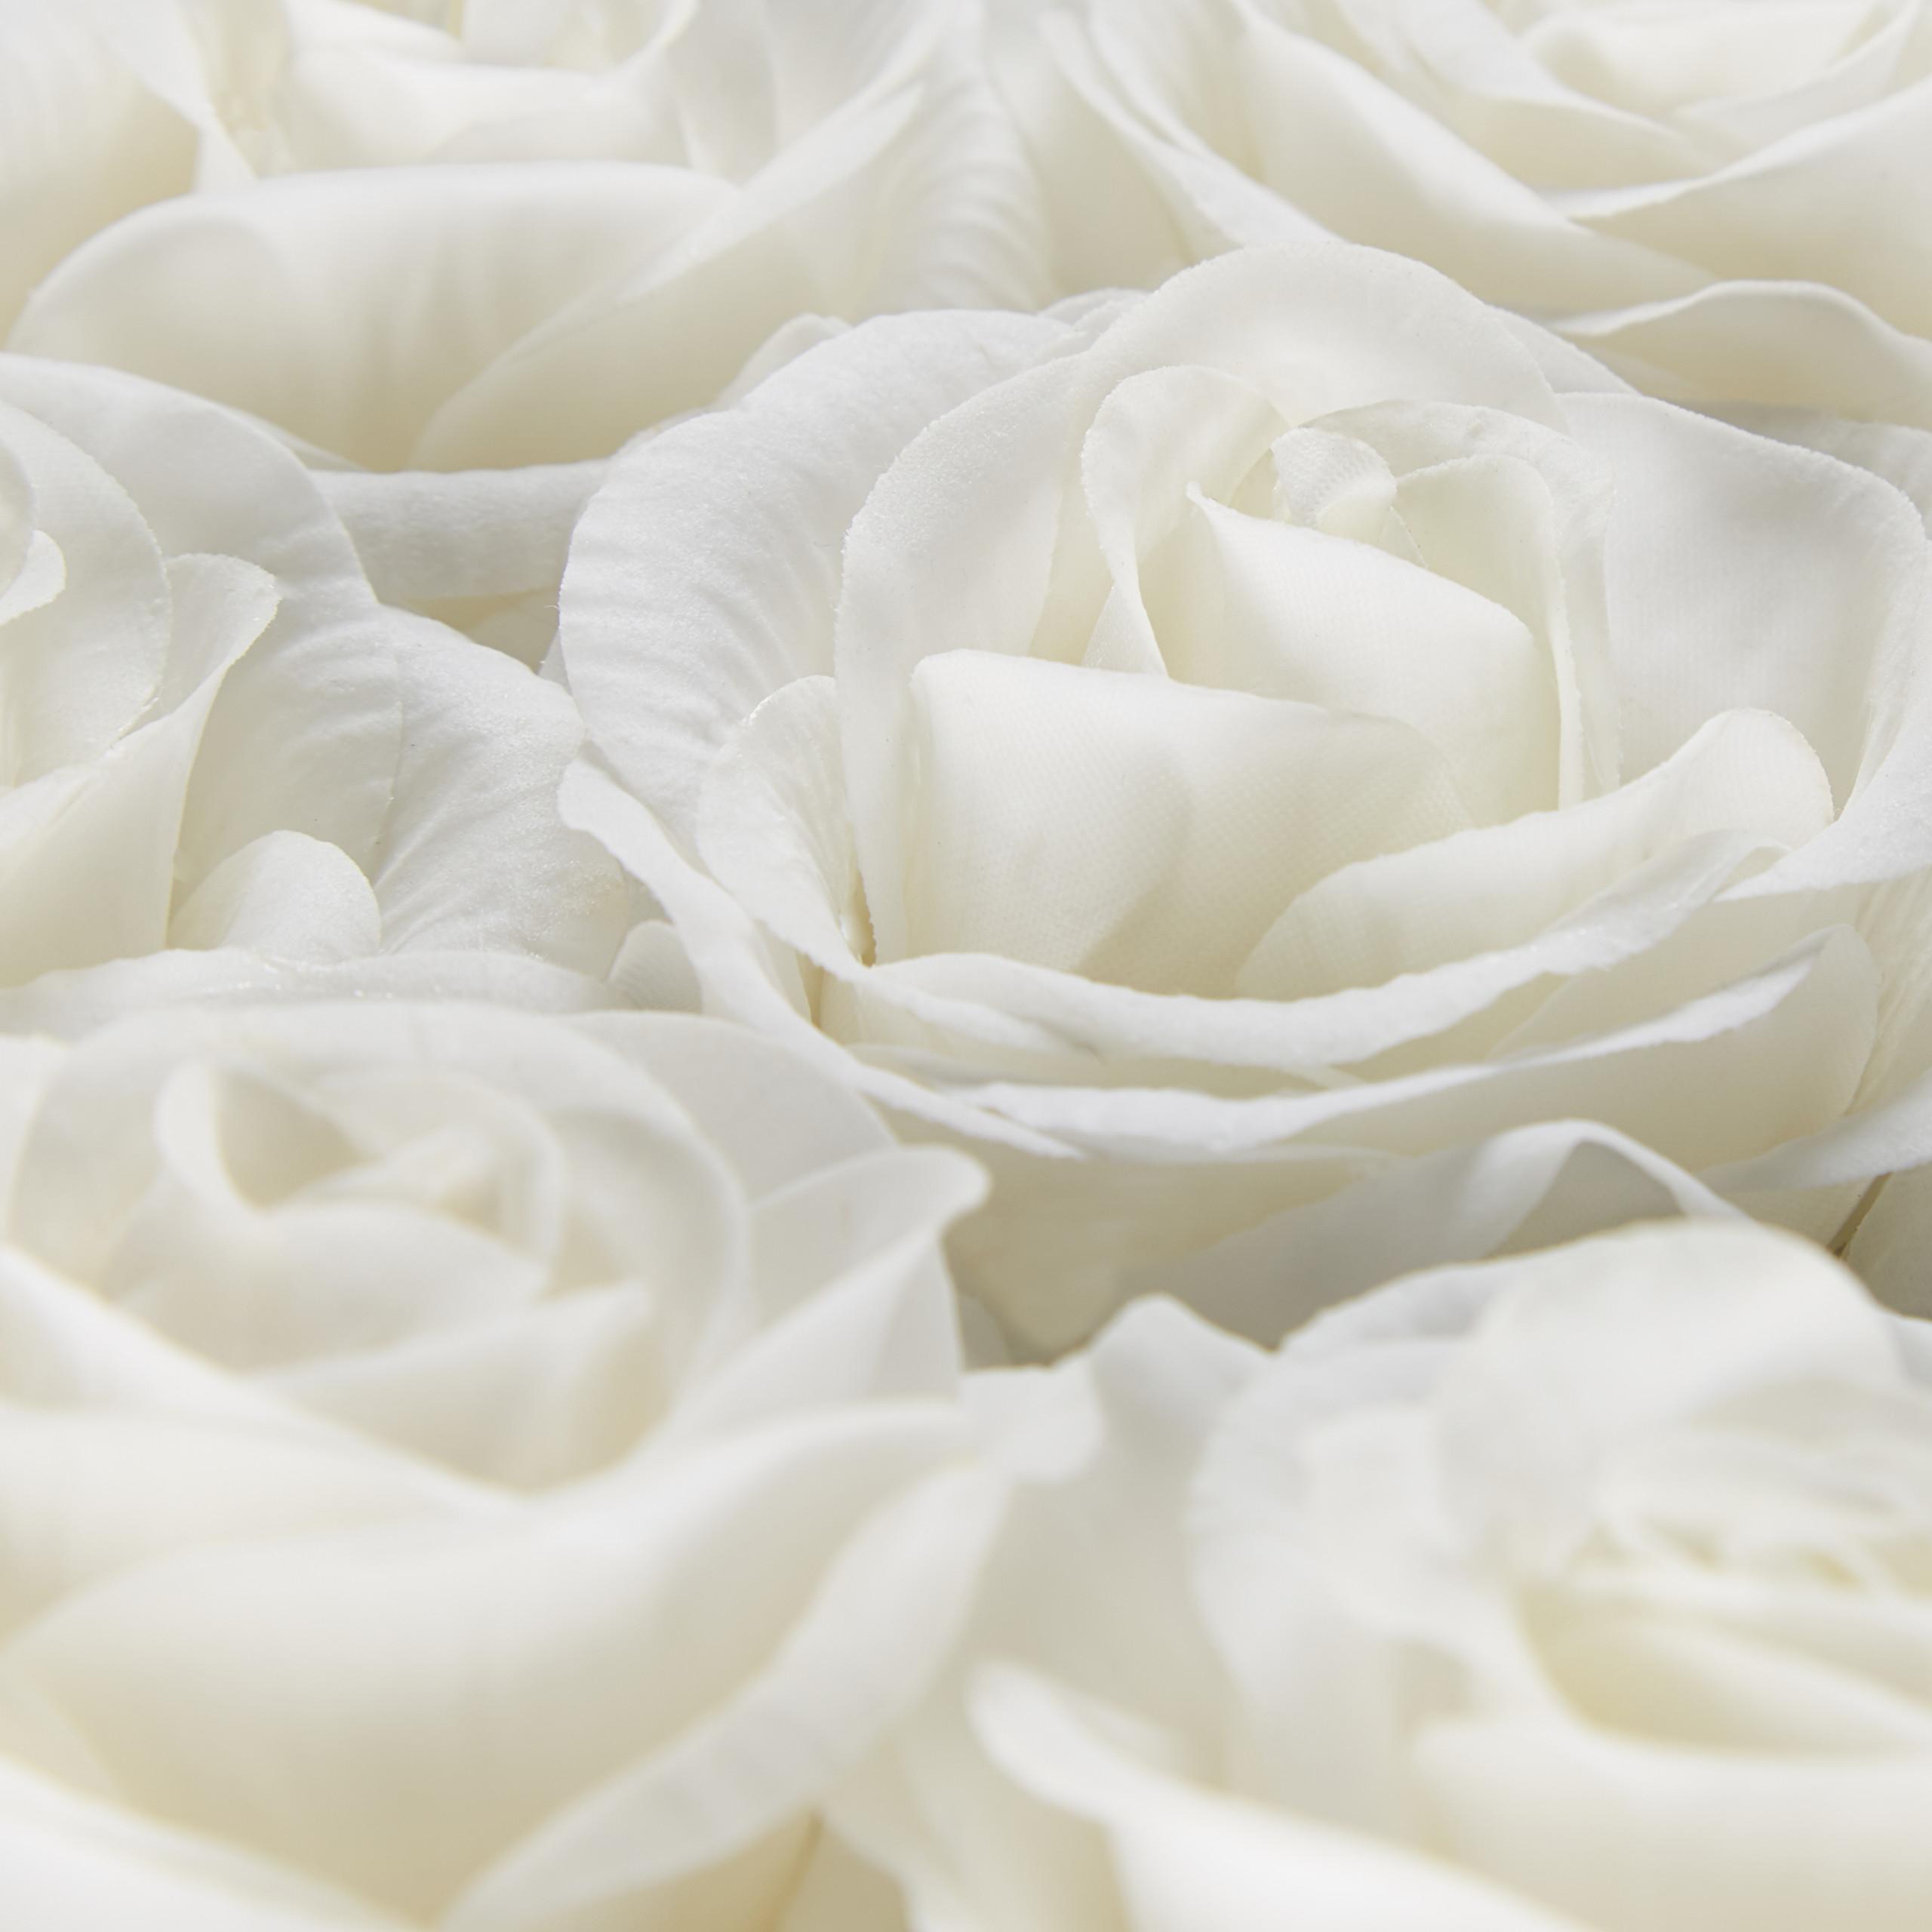 Rosenbox-Flowerbox-49-Kunstblumen-Valentinstag-Blumenbox-Deko-Ewige-Rosen-eckig Indexbild 24